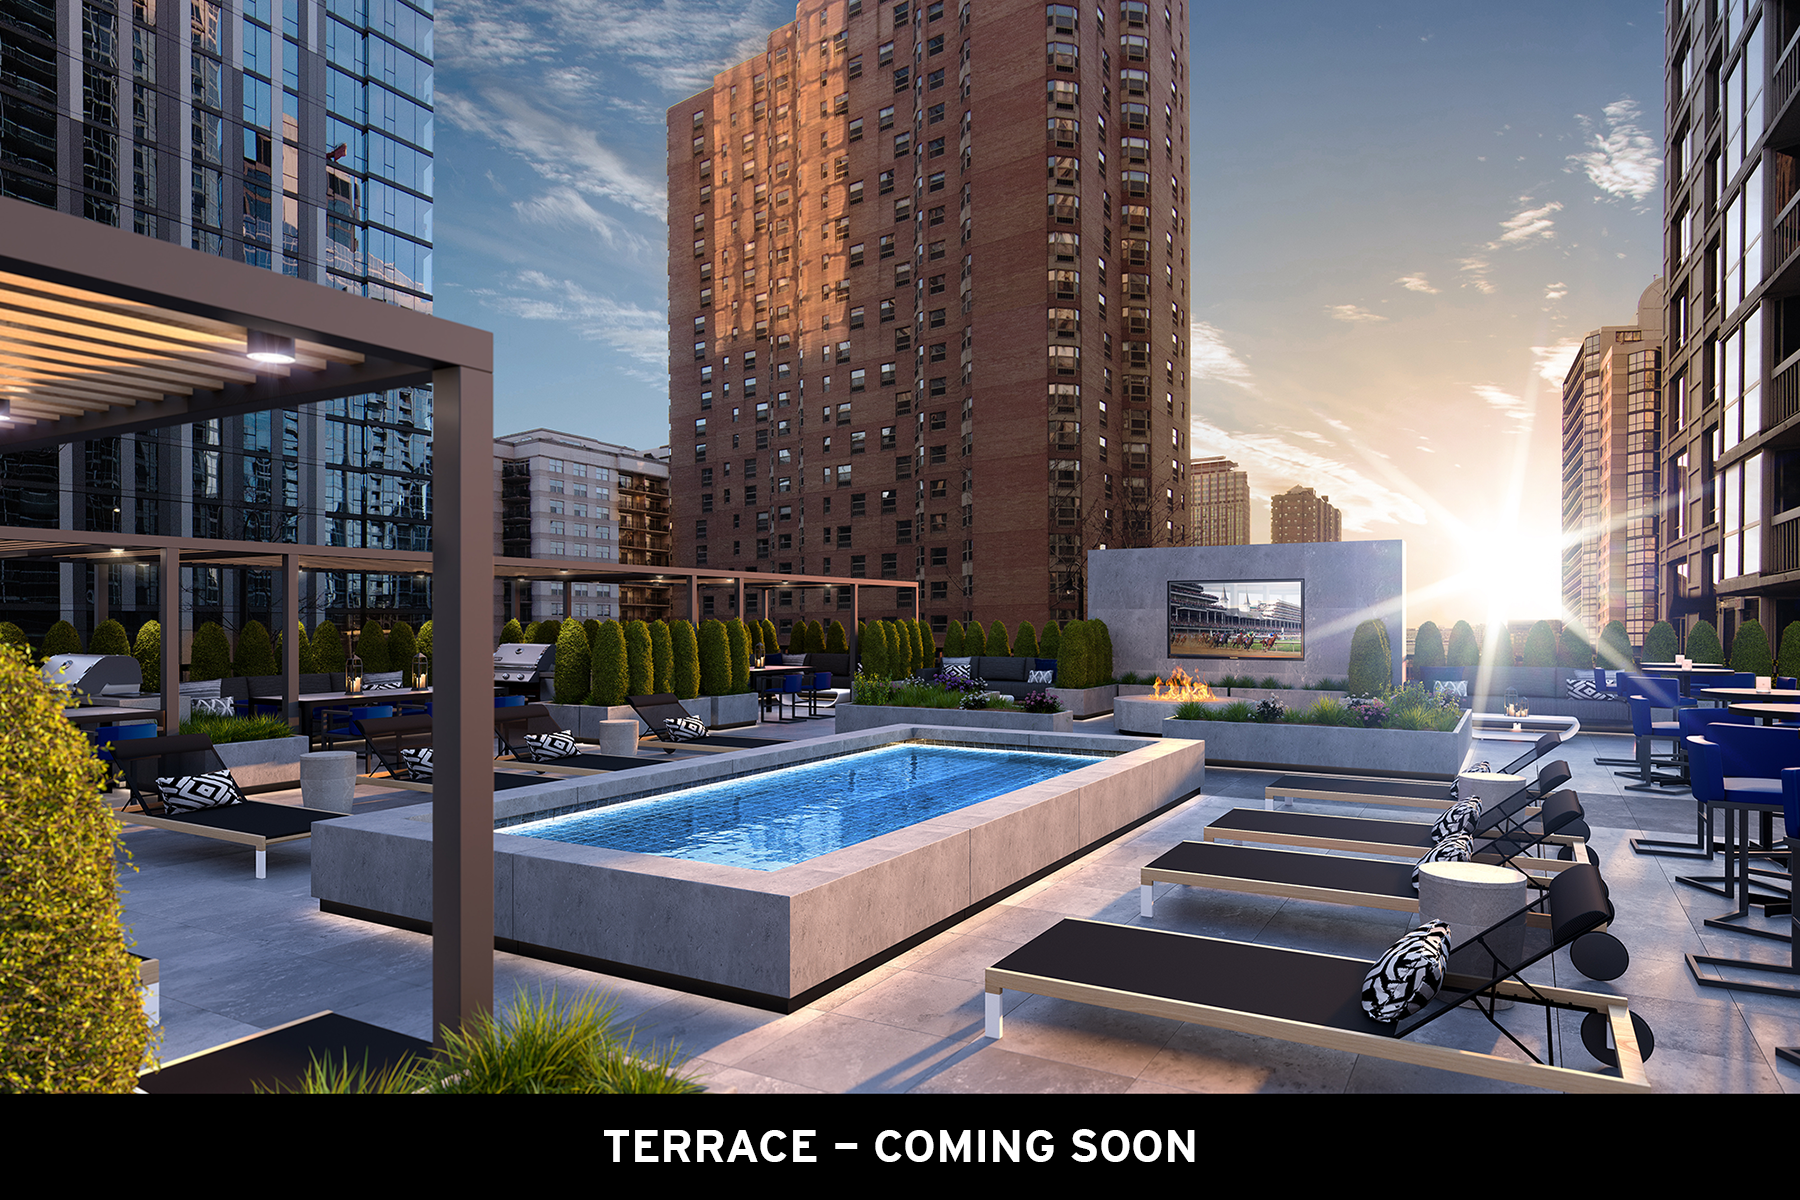 Terrace Rendering.png